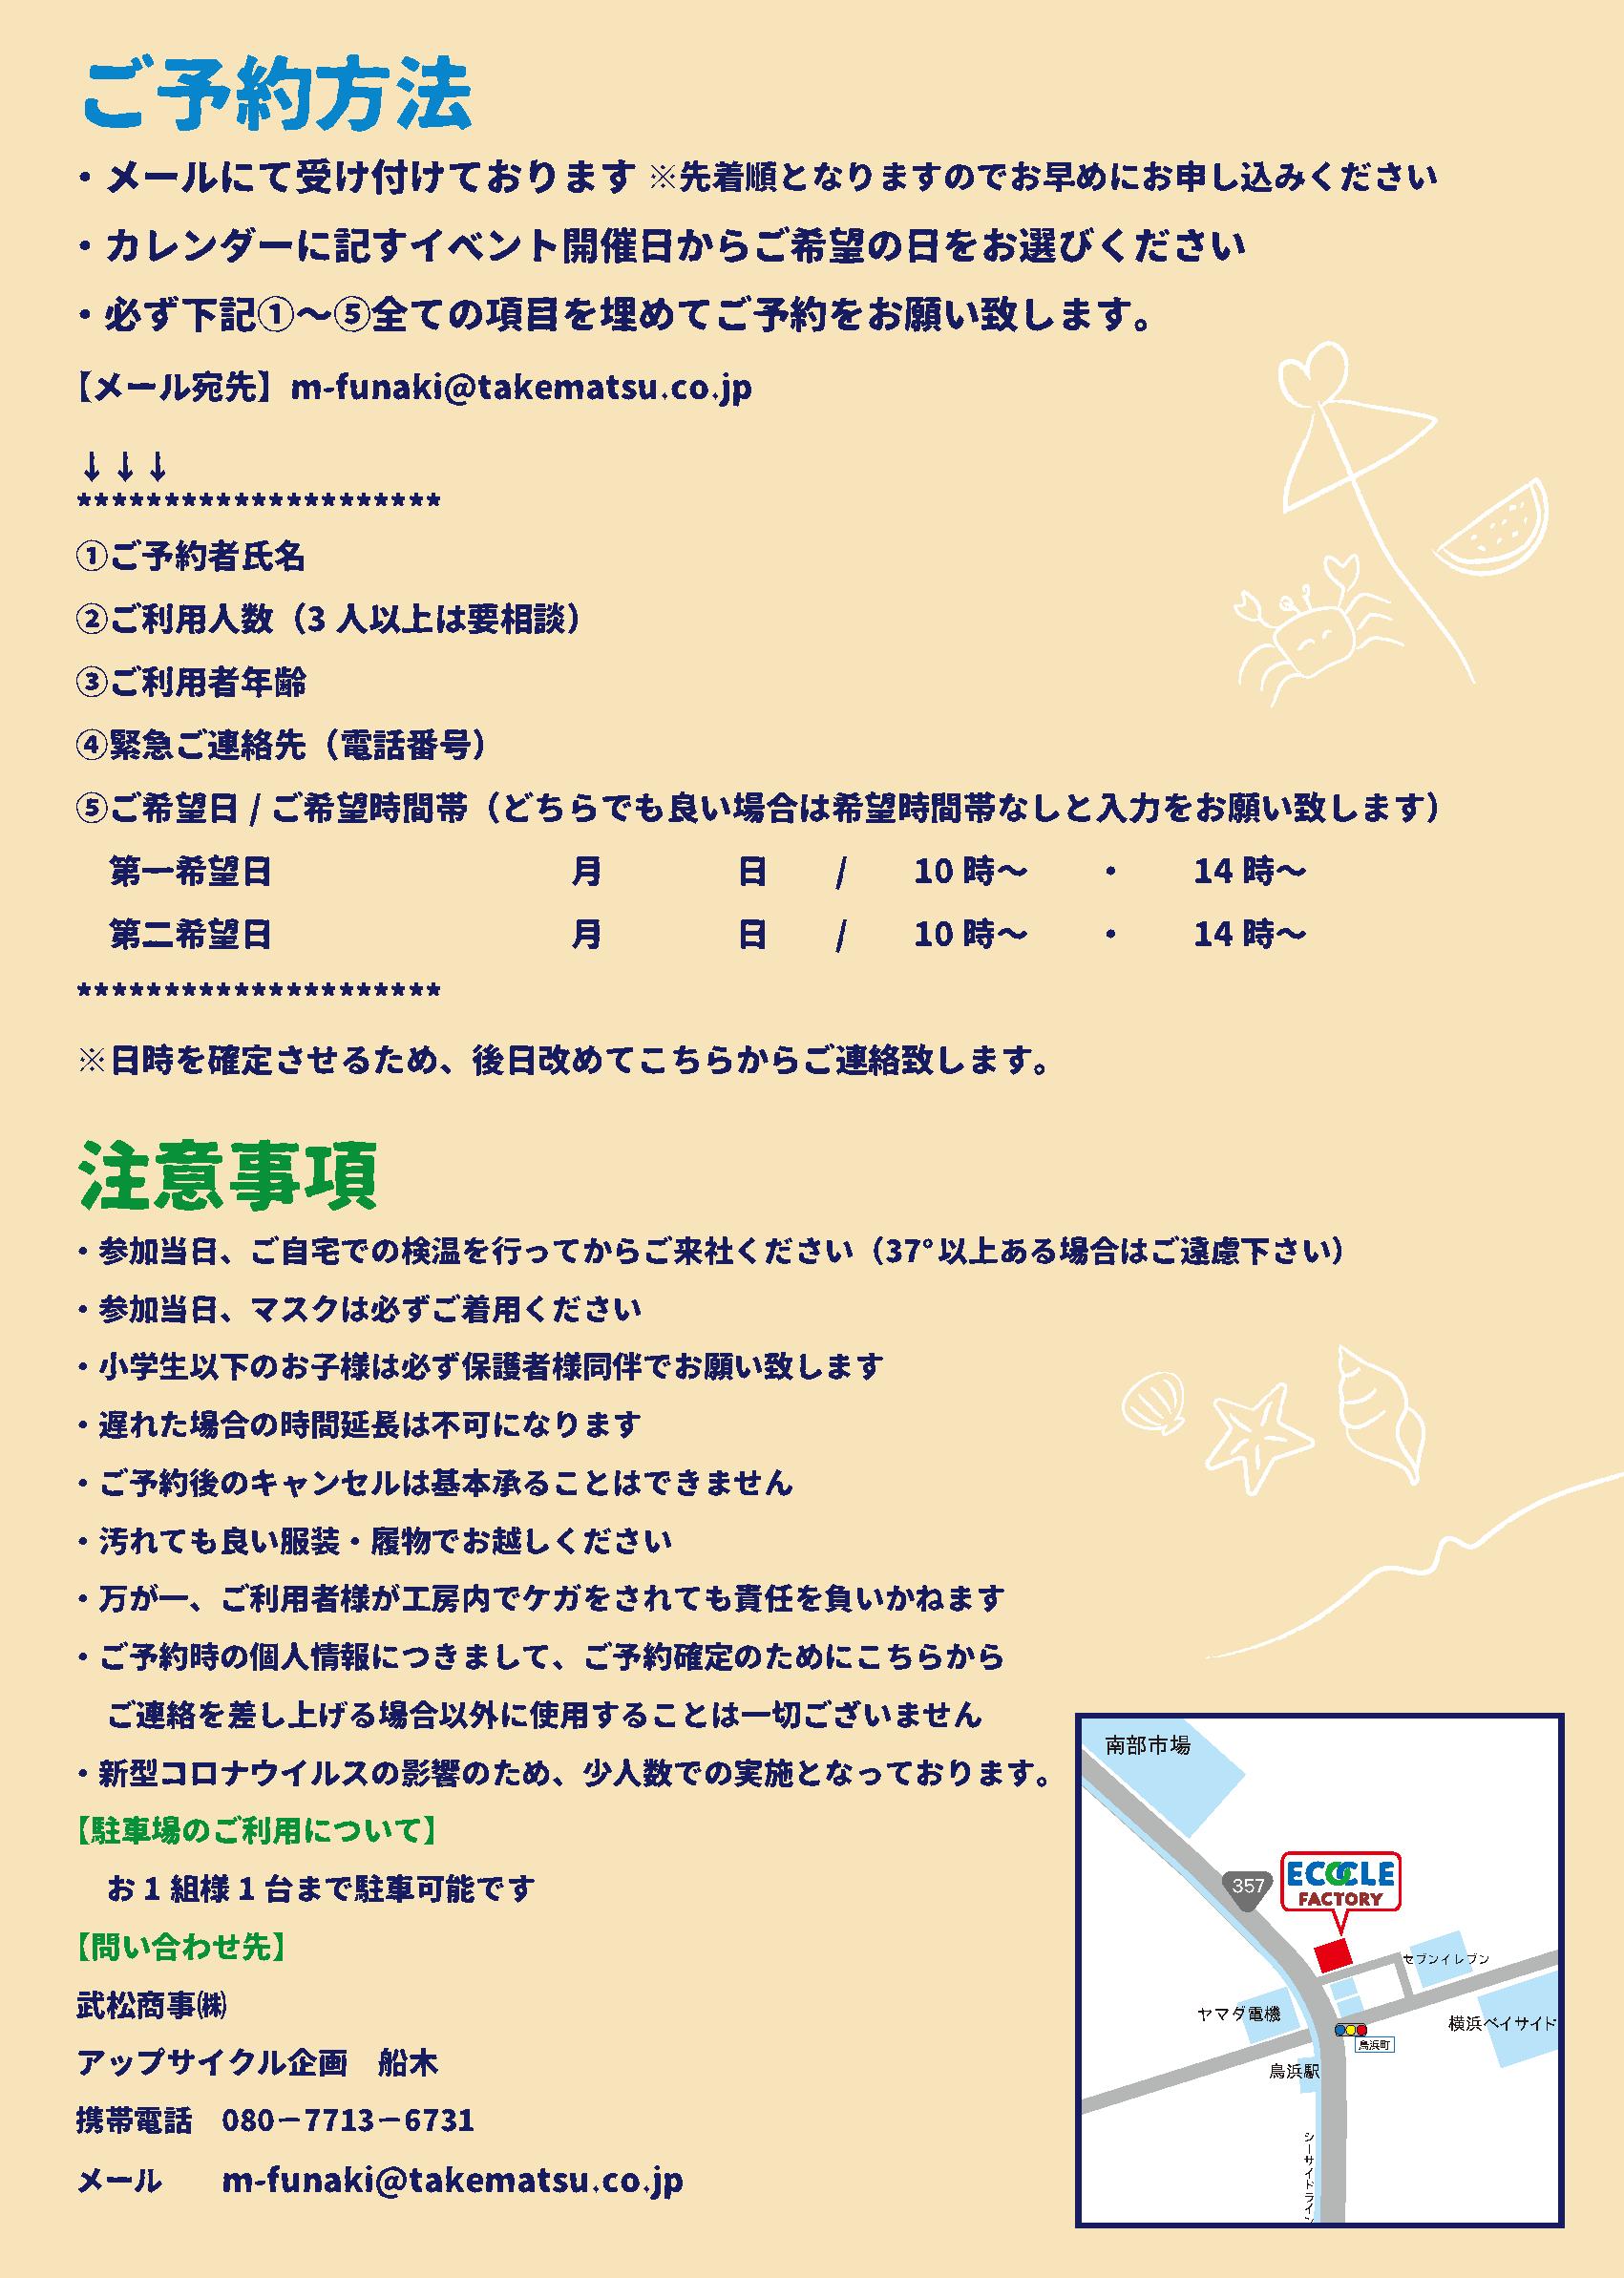 ワークショップ詳細2